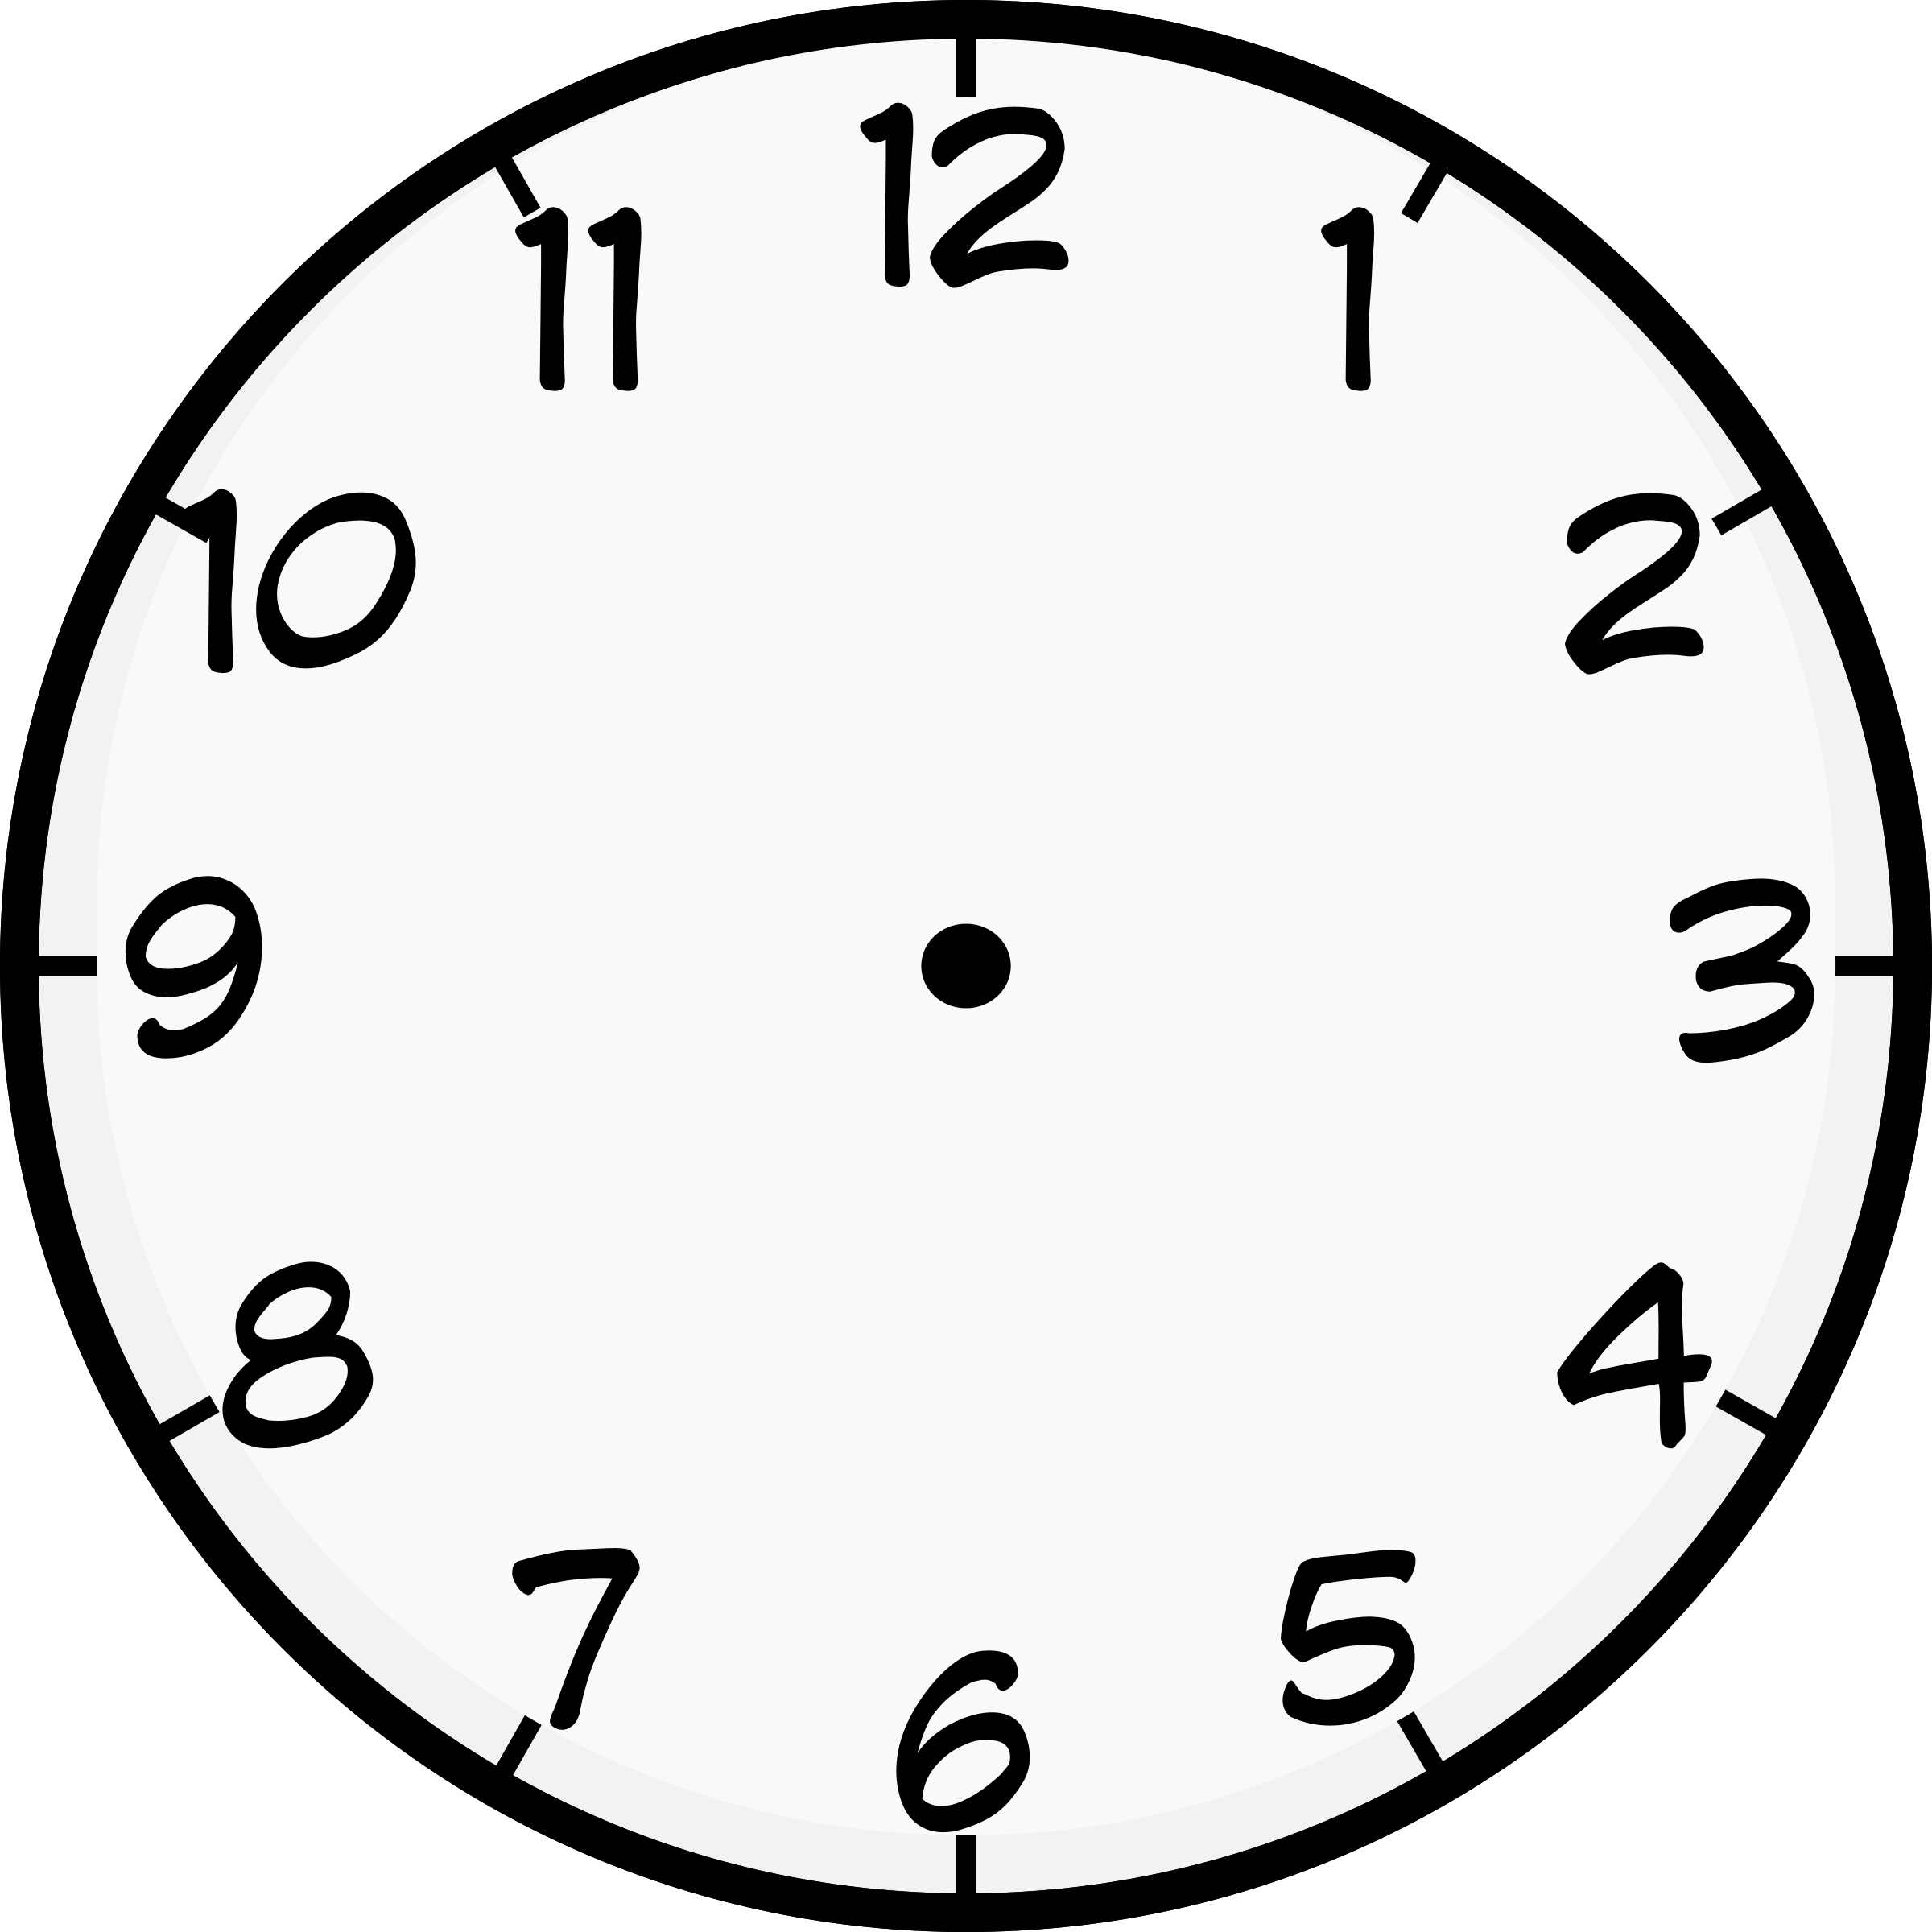 Clocks clipart 7 o clock, Clocks 7 o clock Transparent FREE.